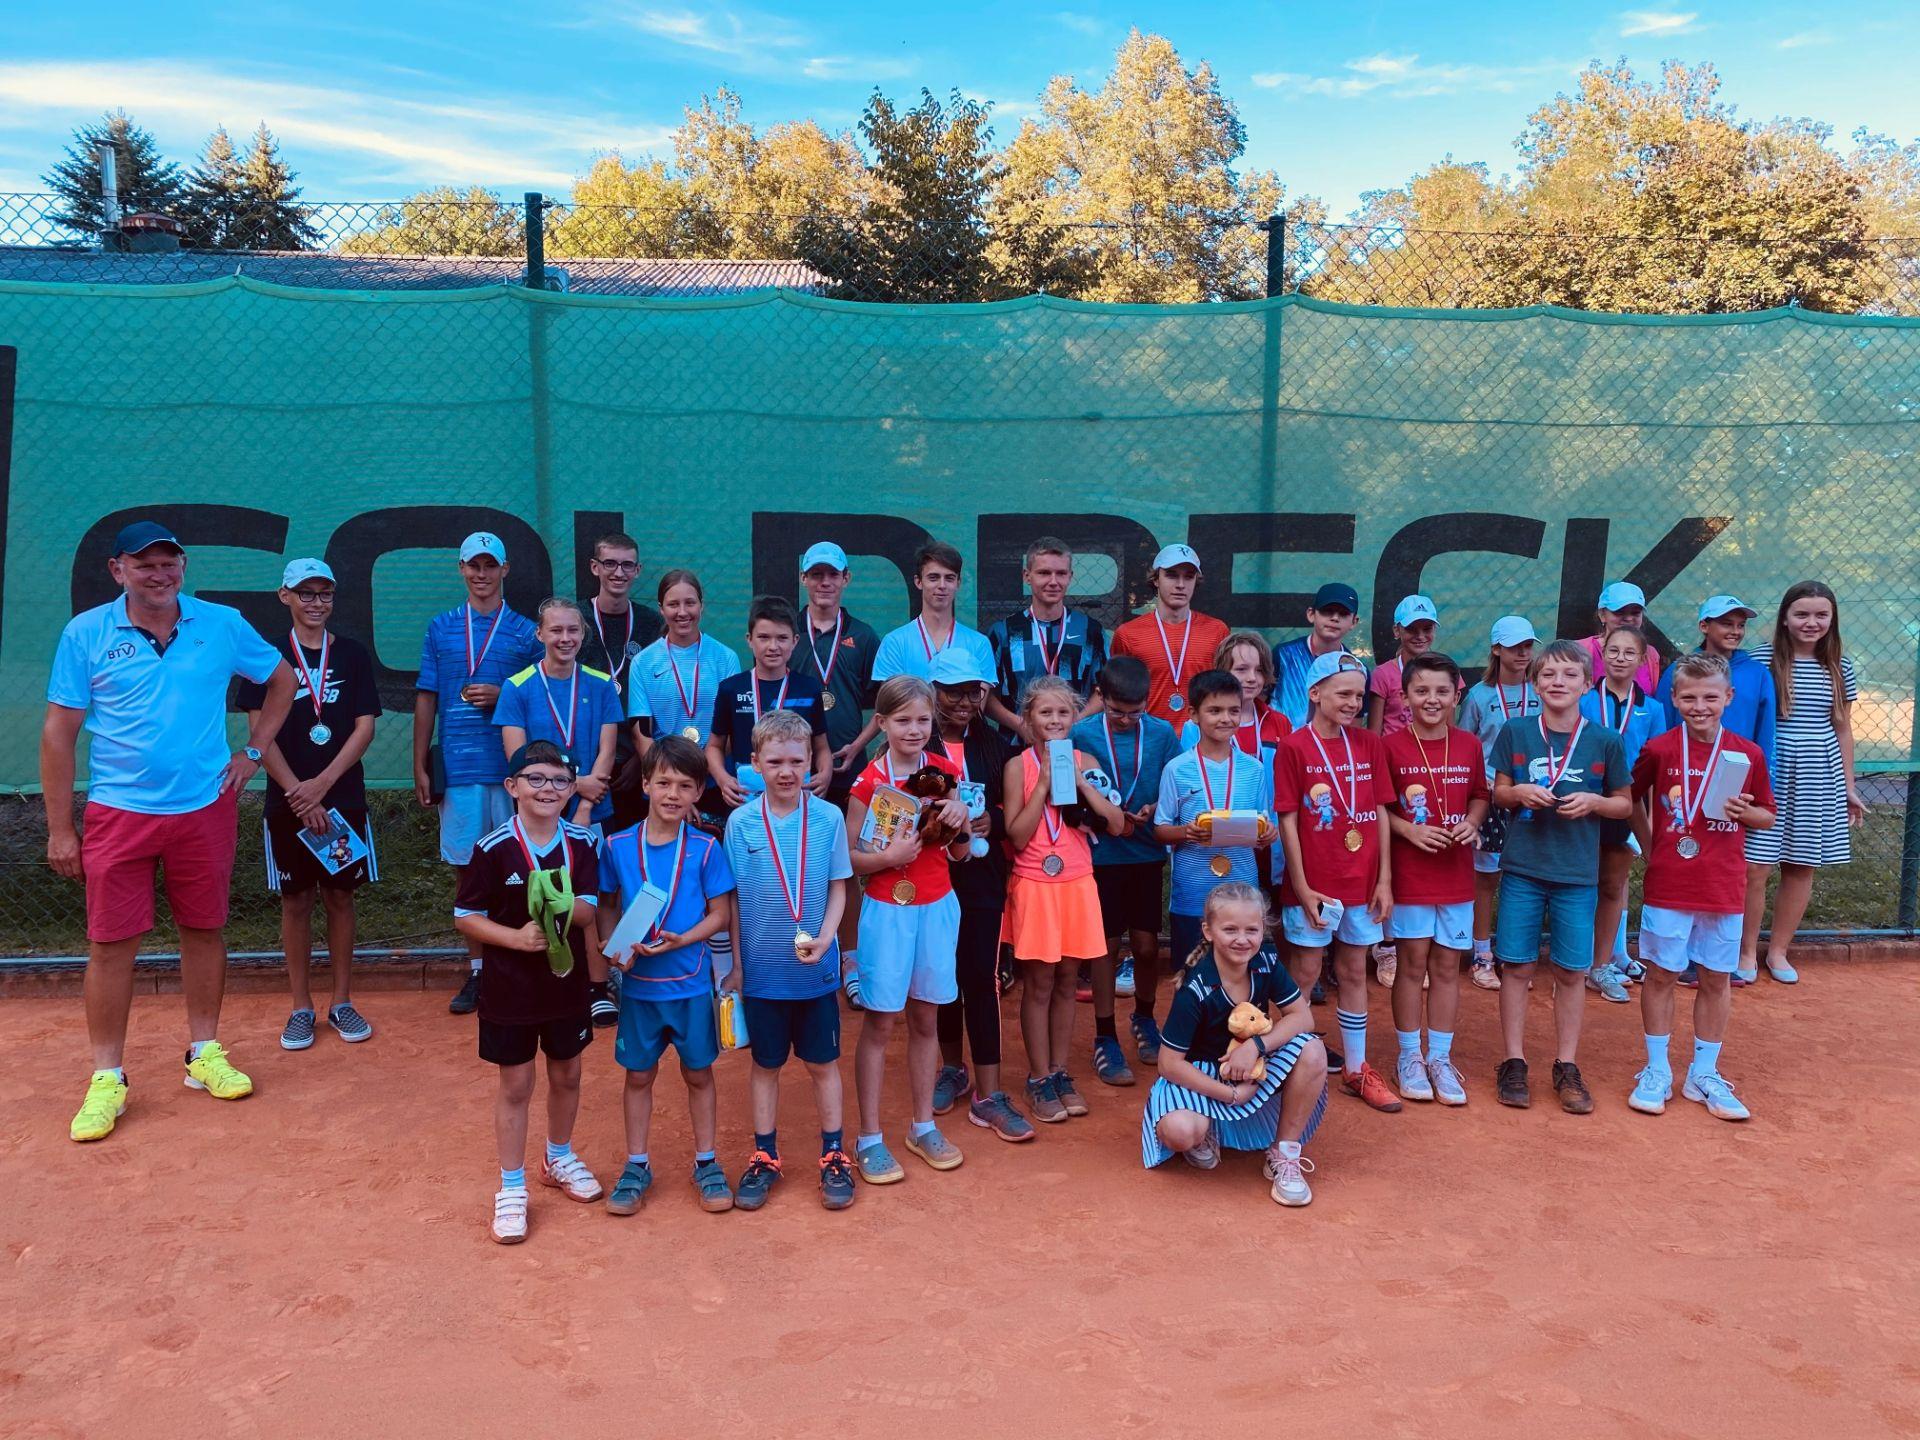 Tennis Coburg